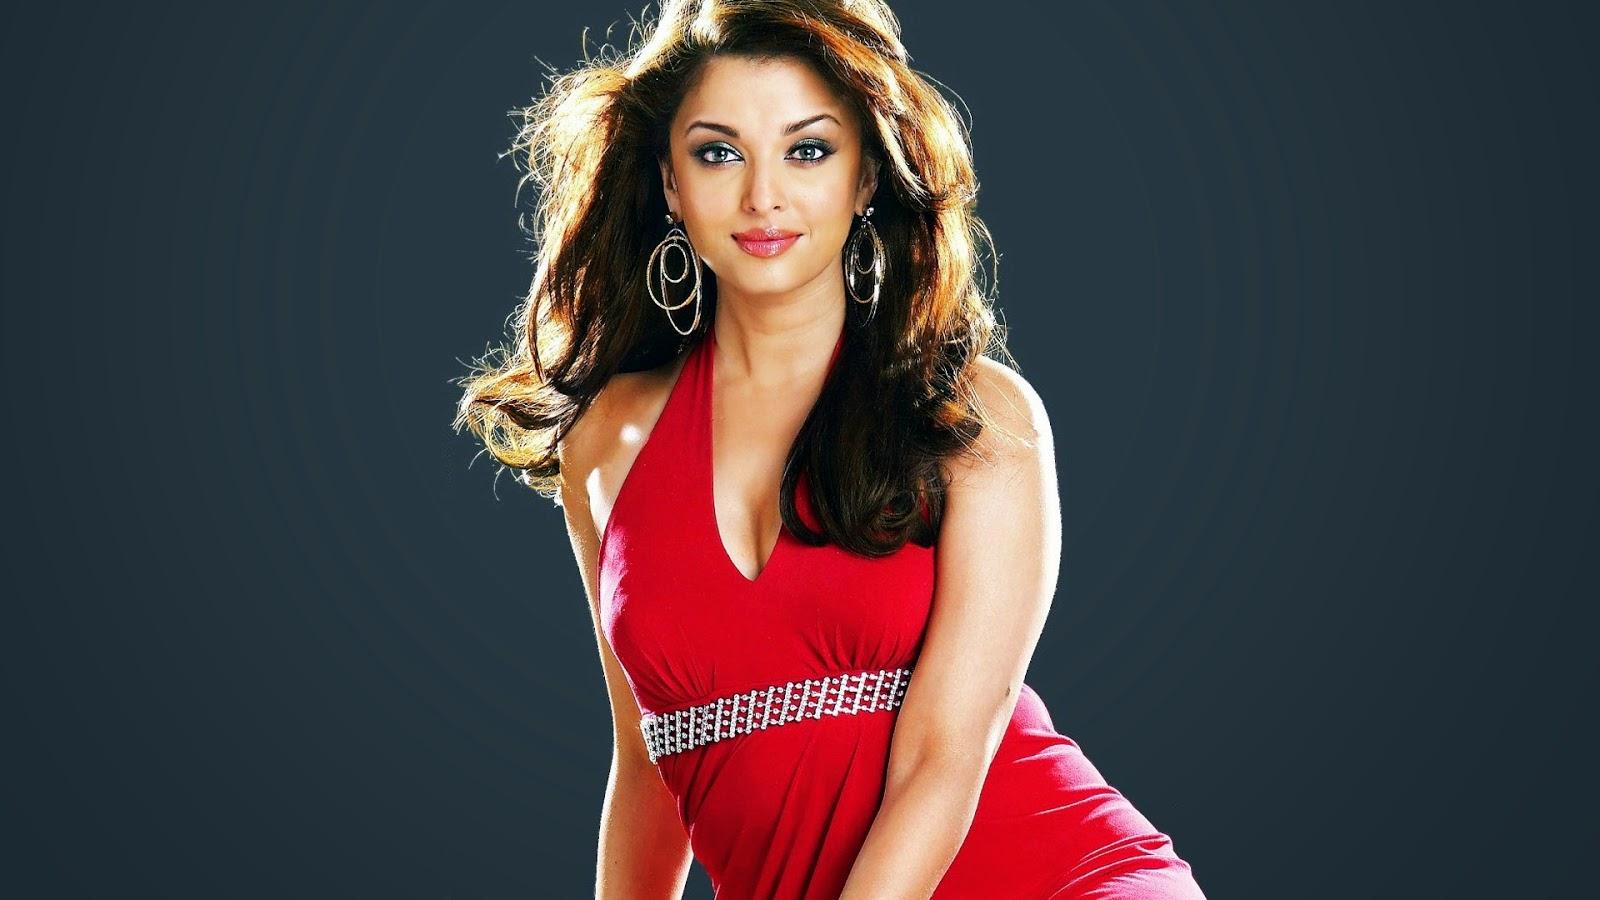 http://1.bp.blogspot.com/-rDDr49eFUHc/UBC4zUeuAFI/AAAAAAAABHE/4LotUSTYItY/s1600/Aishwarya+New+laughter.jpg